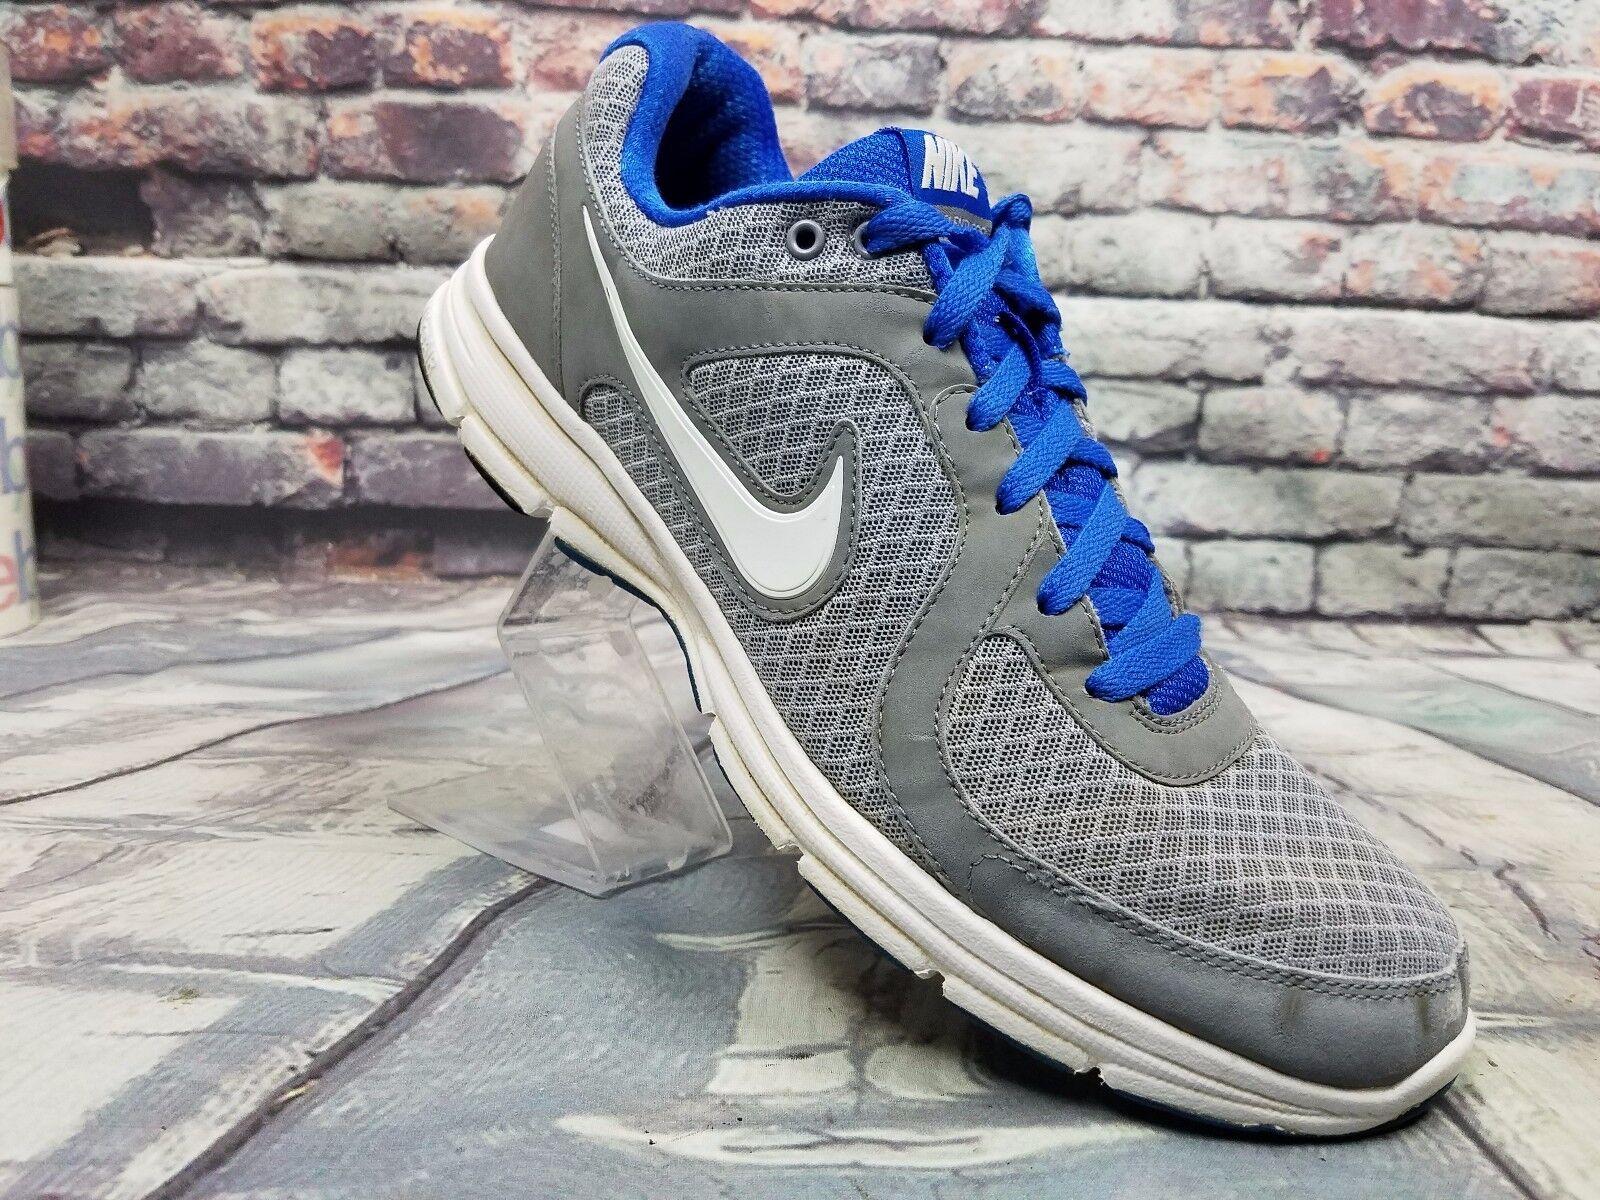 d2cace58a1d5a Hombre Hombre Hombre nike air Relentless zapatos blanco   Treasure Azul    voltios corriendo Athletic SZ